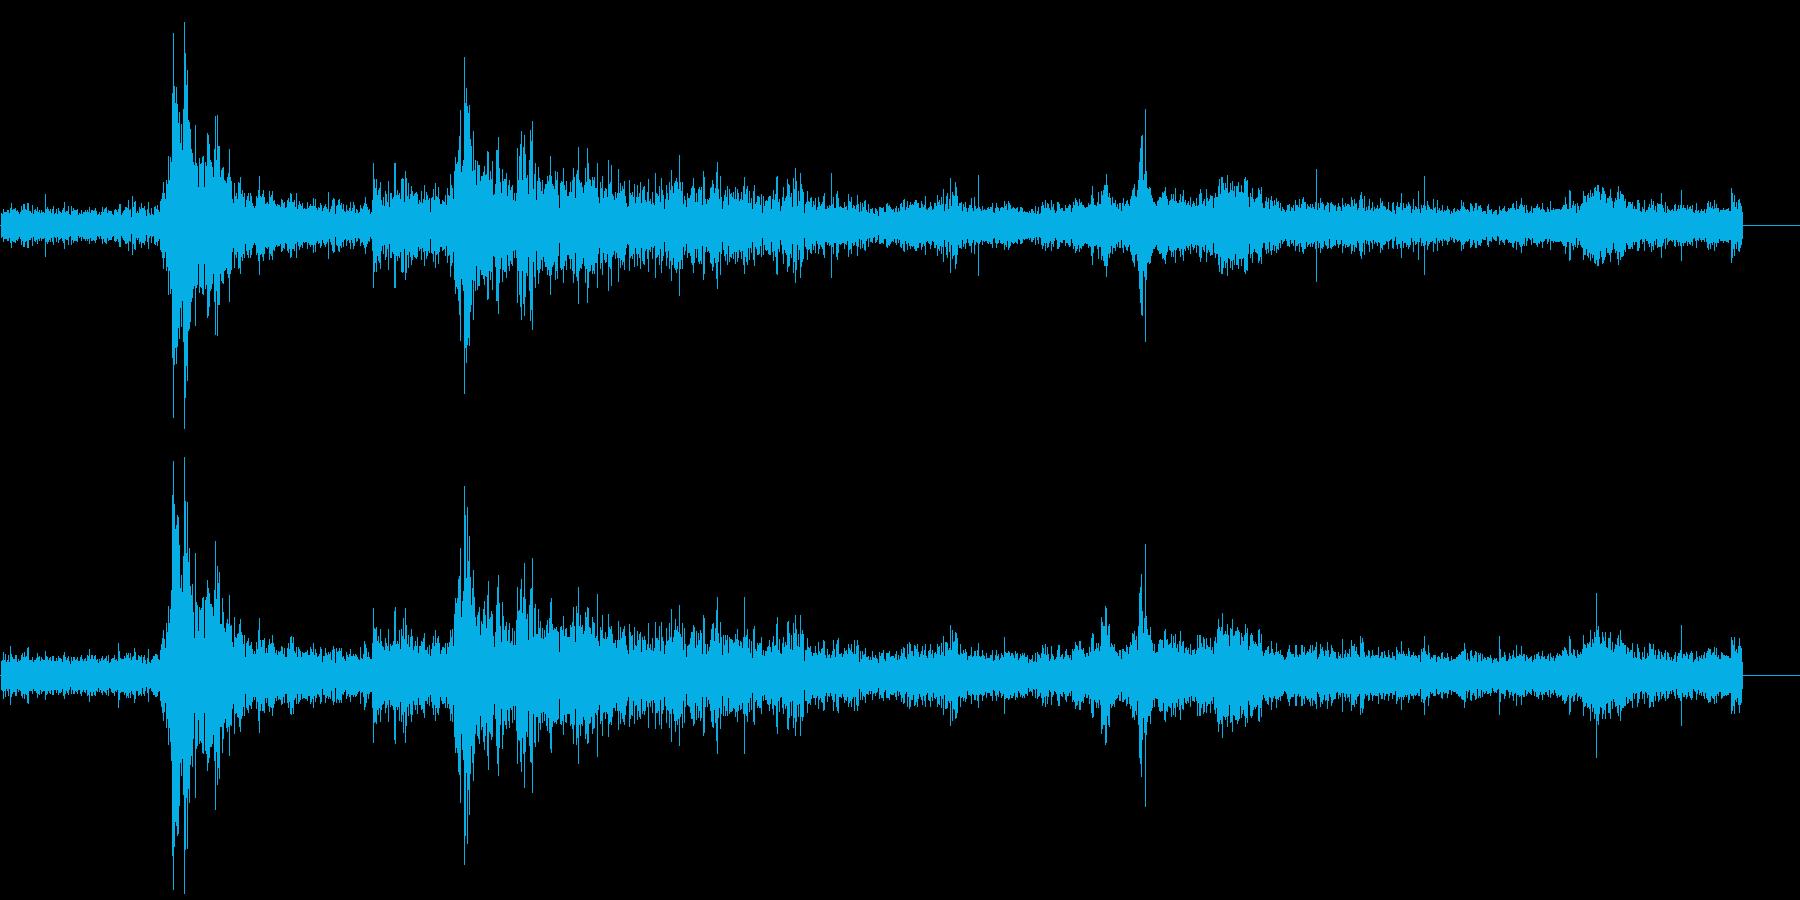 ゴロゴロ(雷雨の音)の再生済みの波形